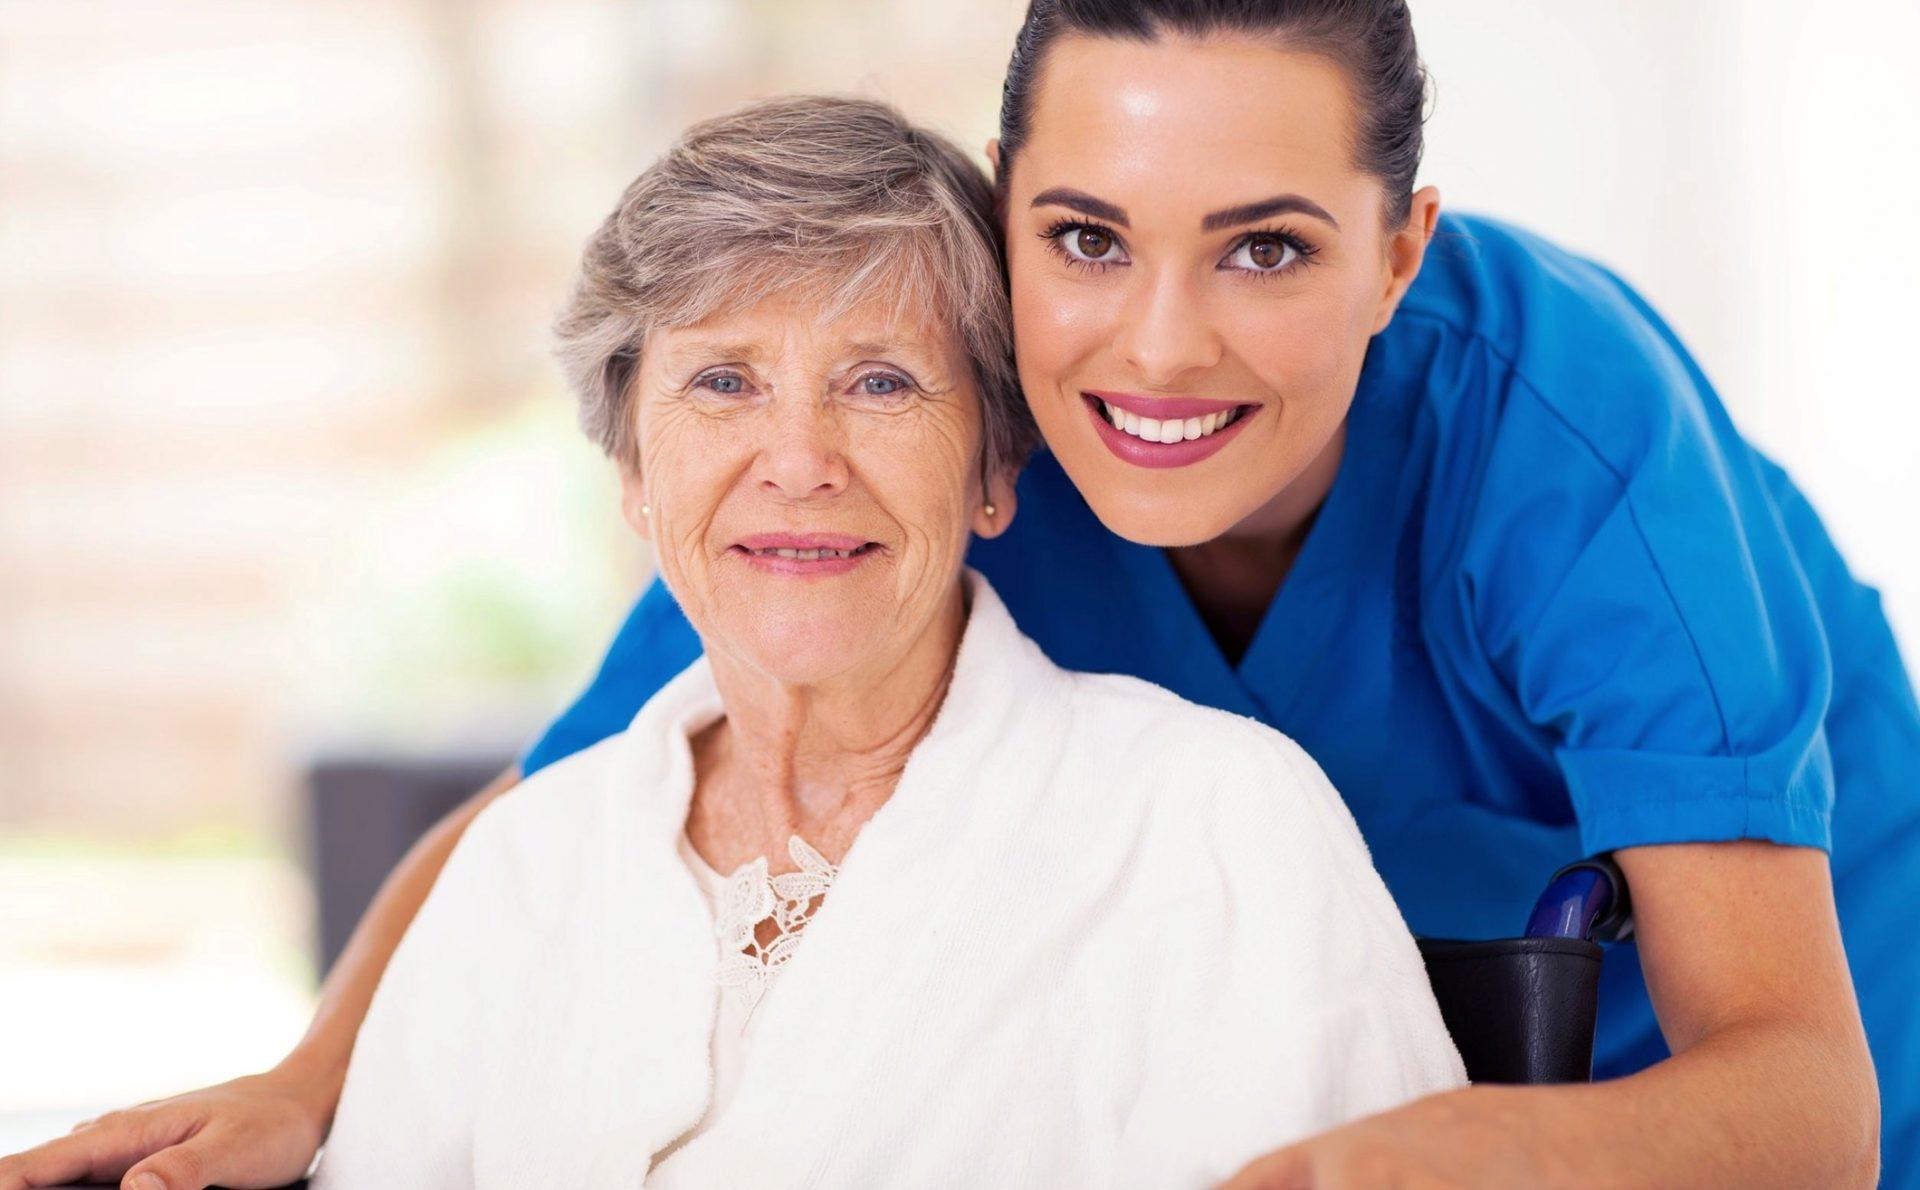 Senior Home Care San Diego Caregiver Care Assistance